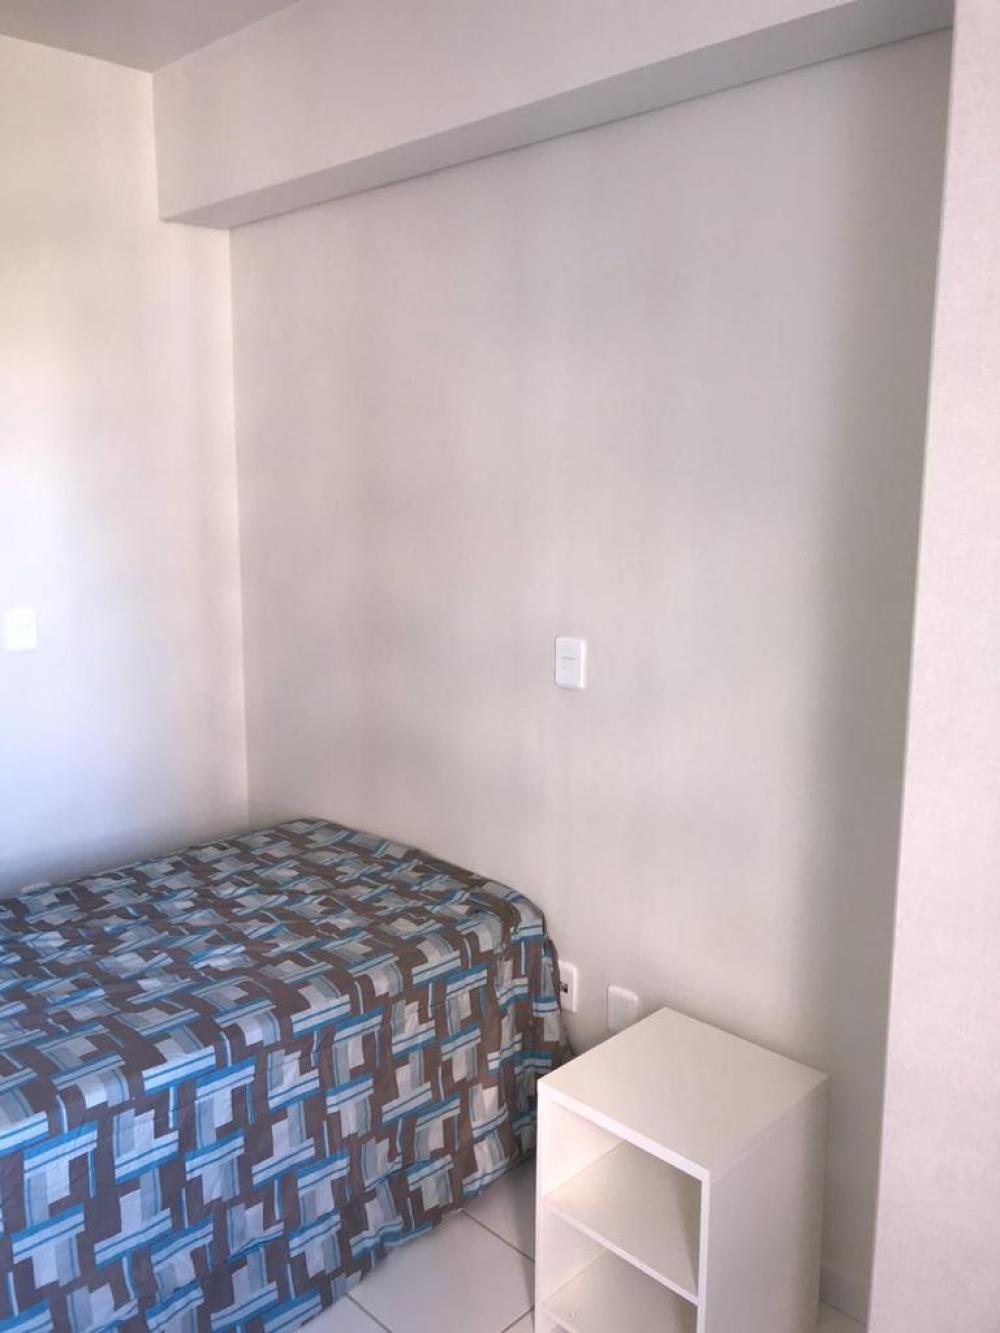 Alugar Apartamento / Loft em Ribeirão Preto R$ 850,00 - Foto 10